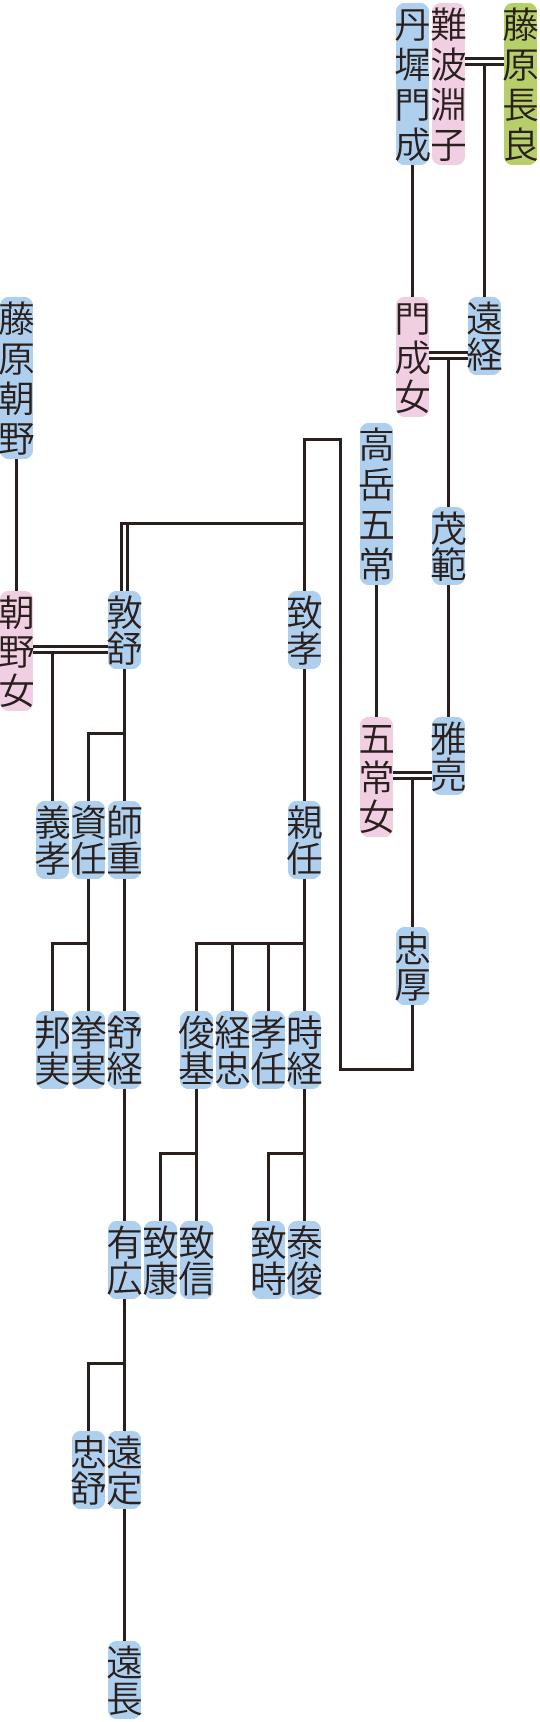 藤原茂範~親任の系図